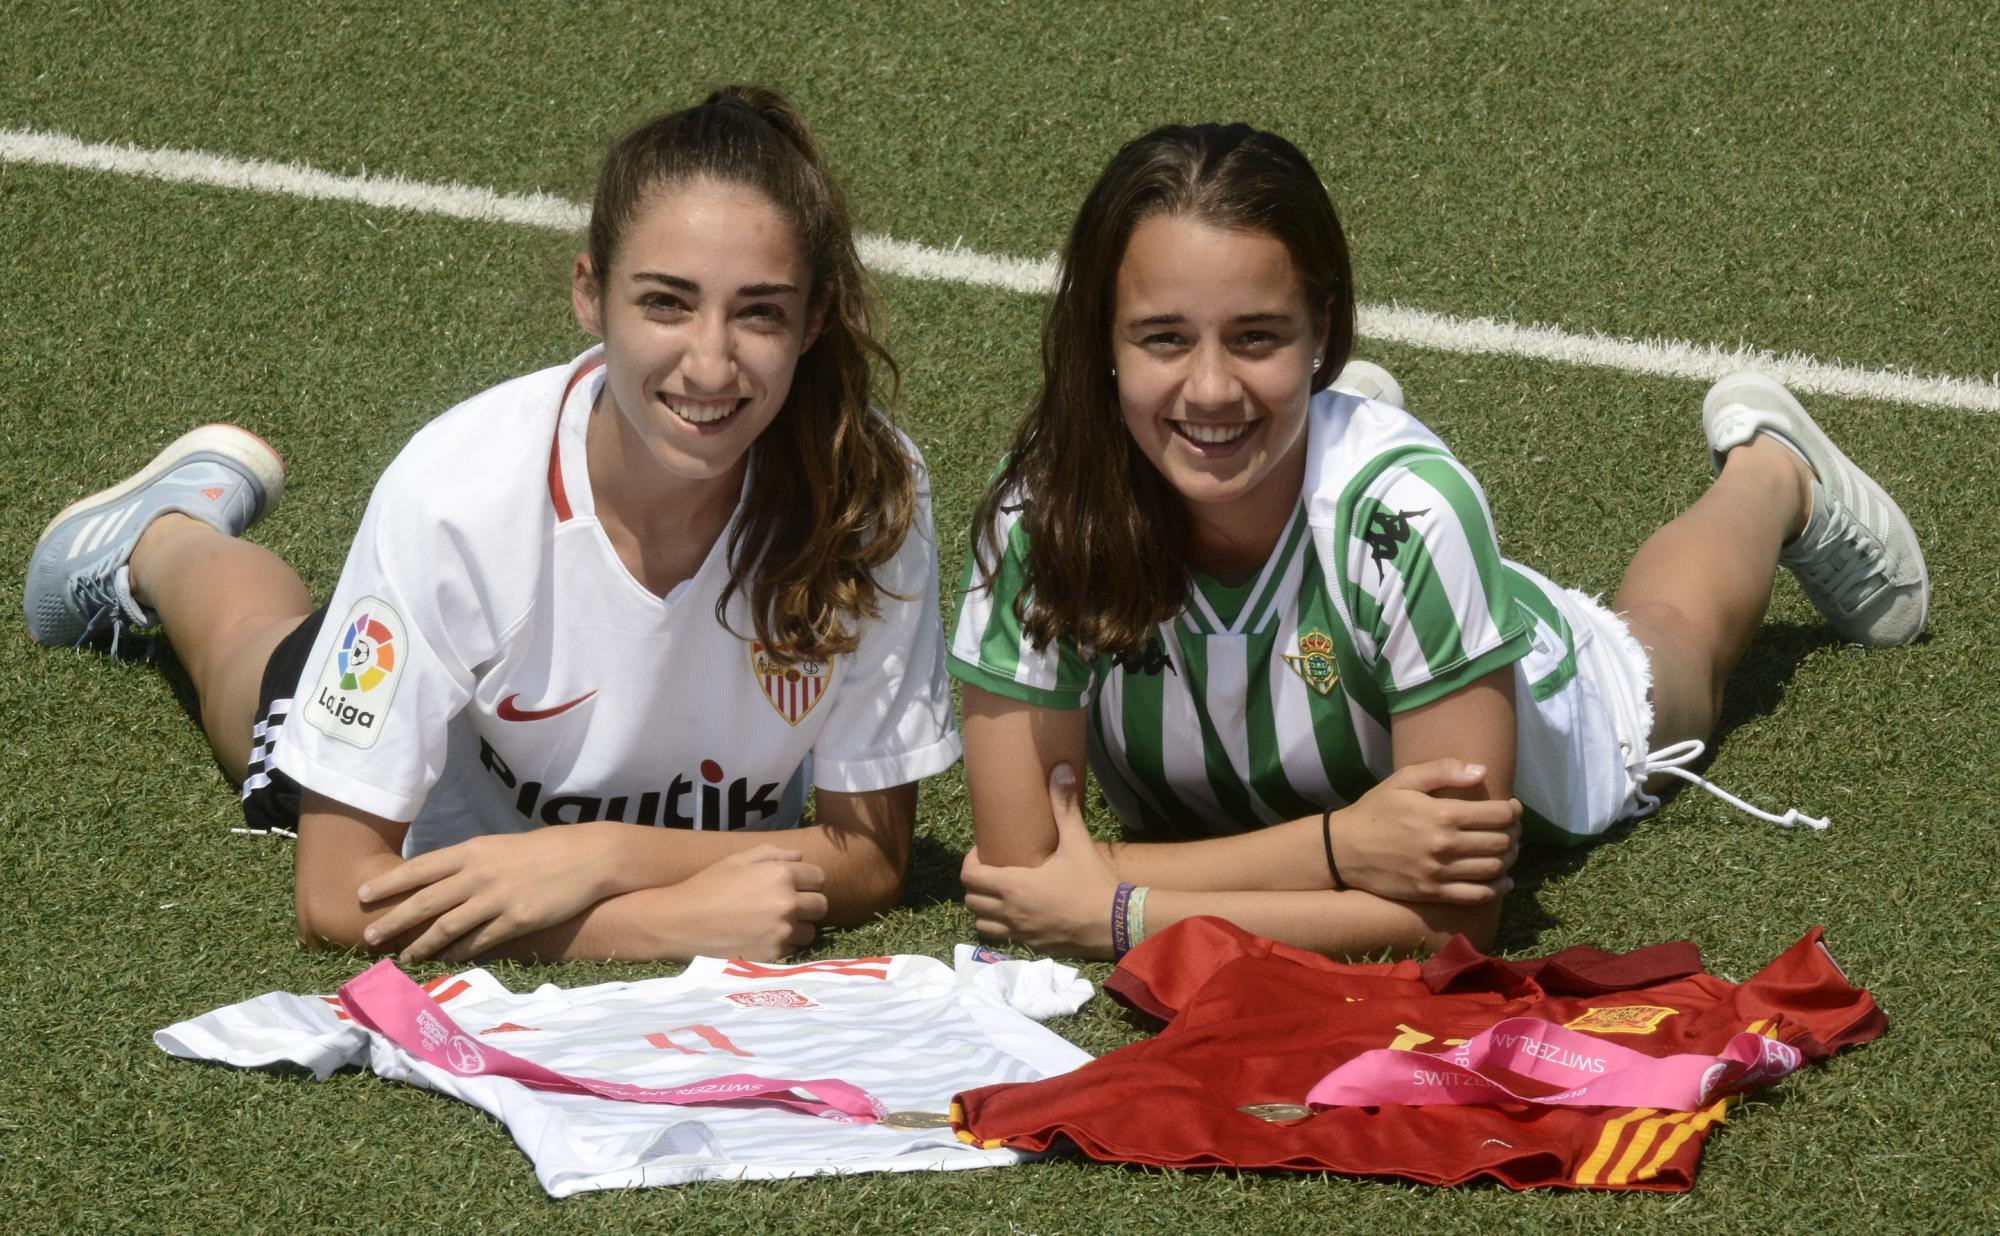 3da4f0211 Rosa Márquez y Olga Carmona: eternas rivales, amigas y campeonas de Europa